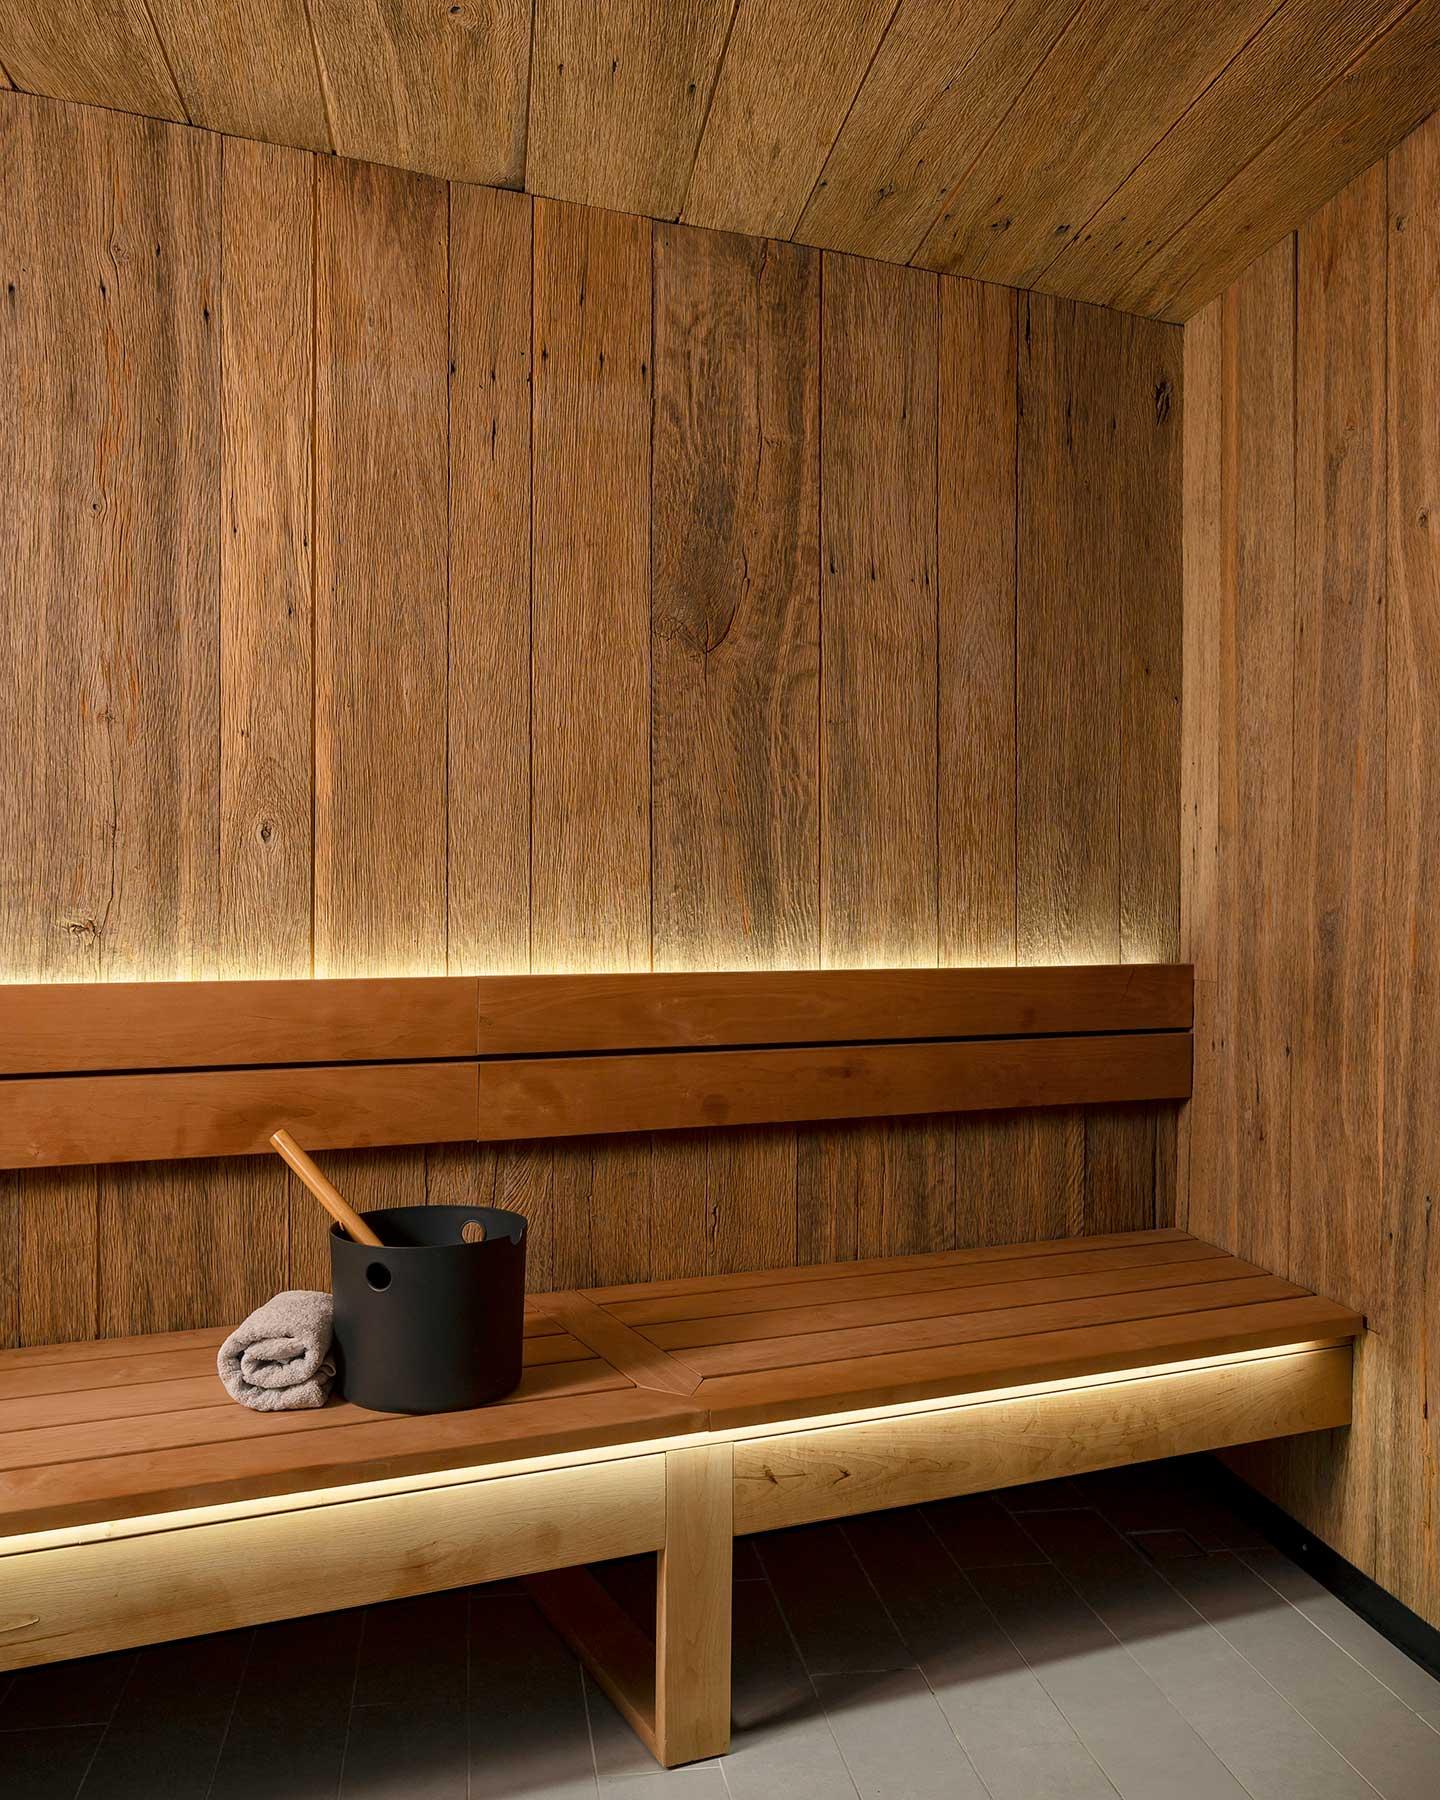 Sauna en bois rétroéclairé avec un sceau et une serviette